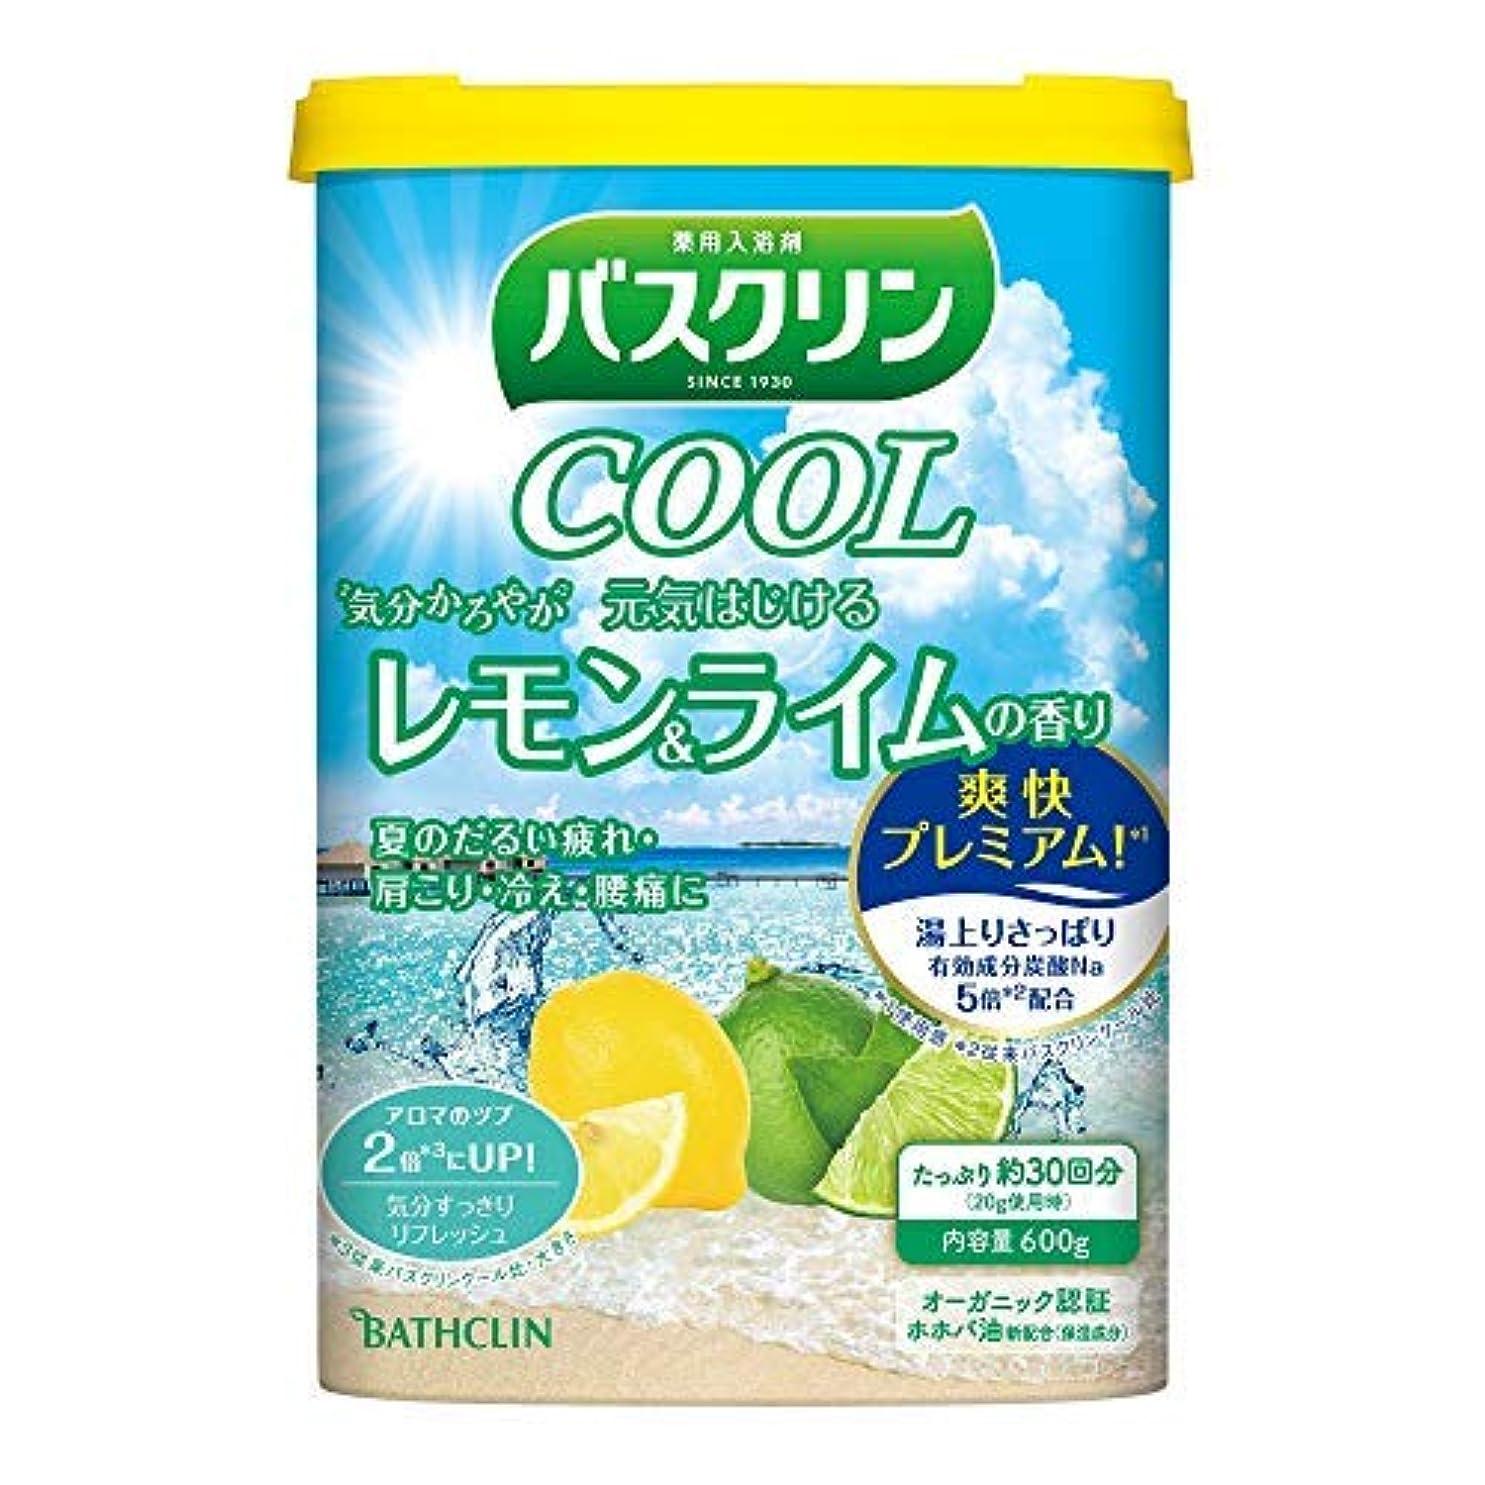 極地積極的に拮抗するバスクリンクール 元気はじけるレモン&ライムの香り 600g × 5個セット